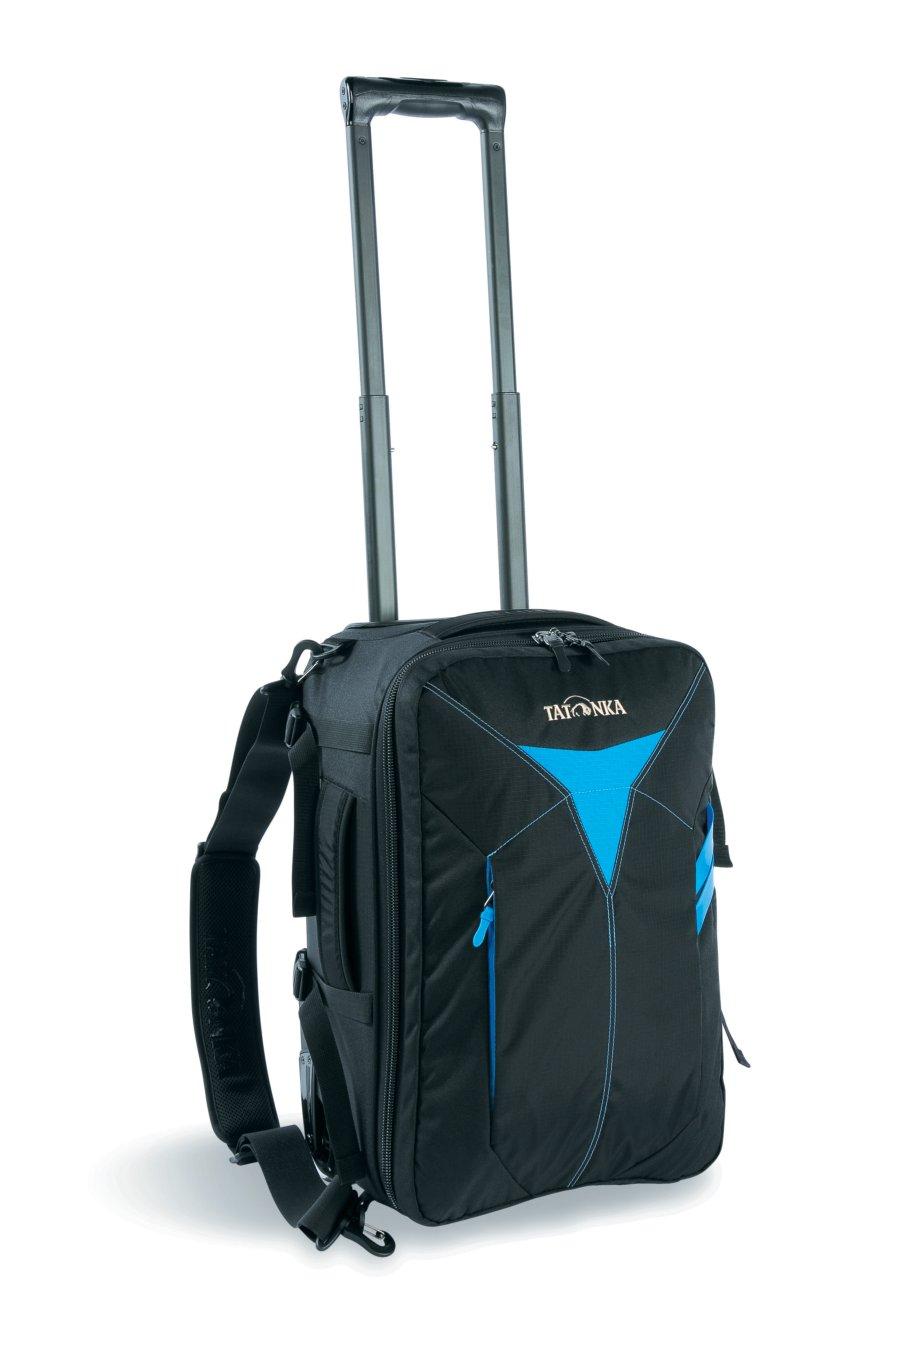 Tatonka - Flightcase Roller S black - Wheeled Luggage -